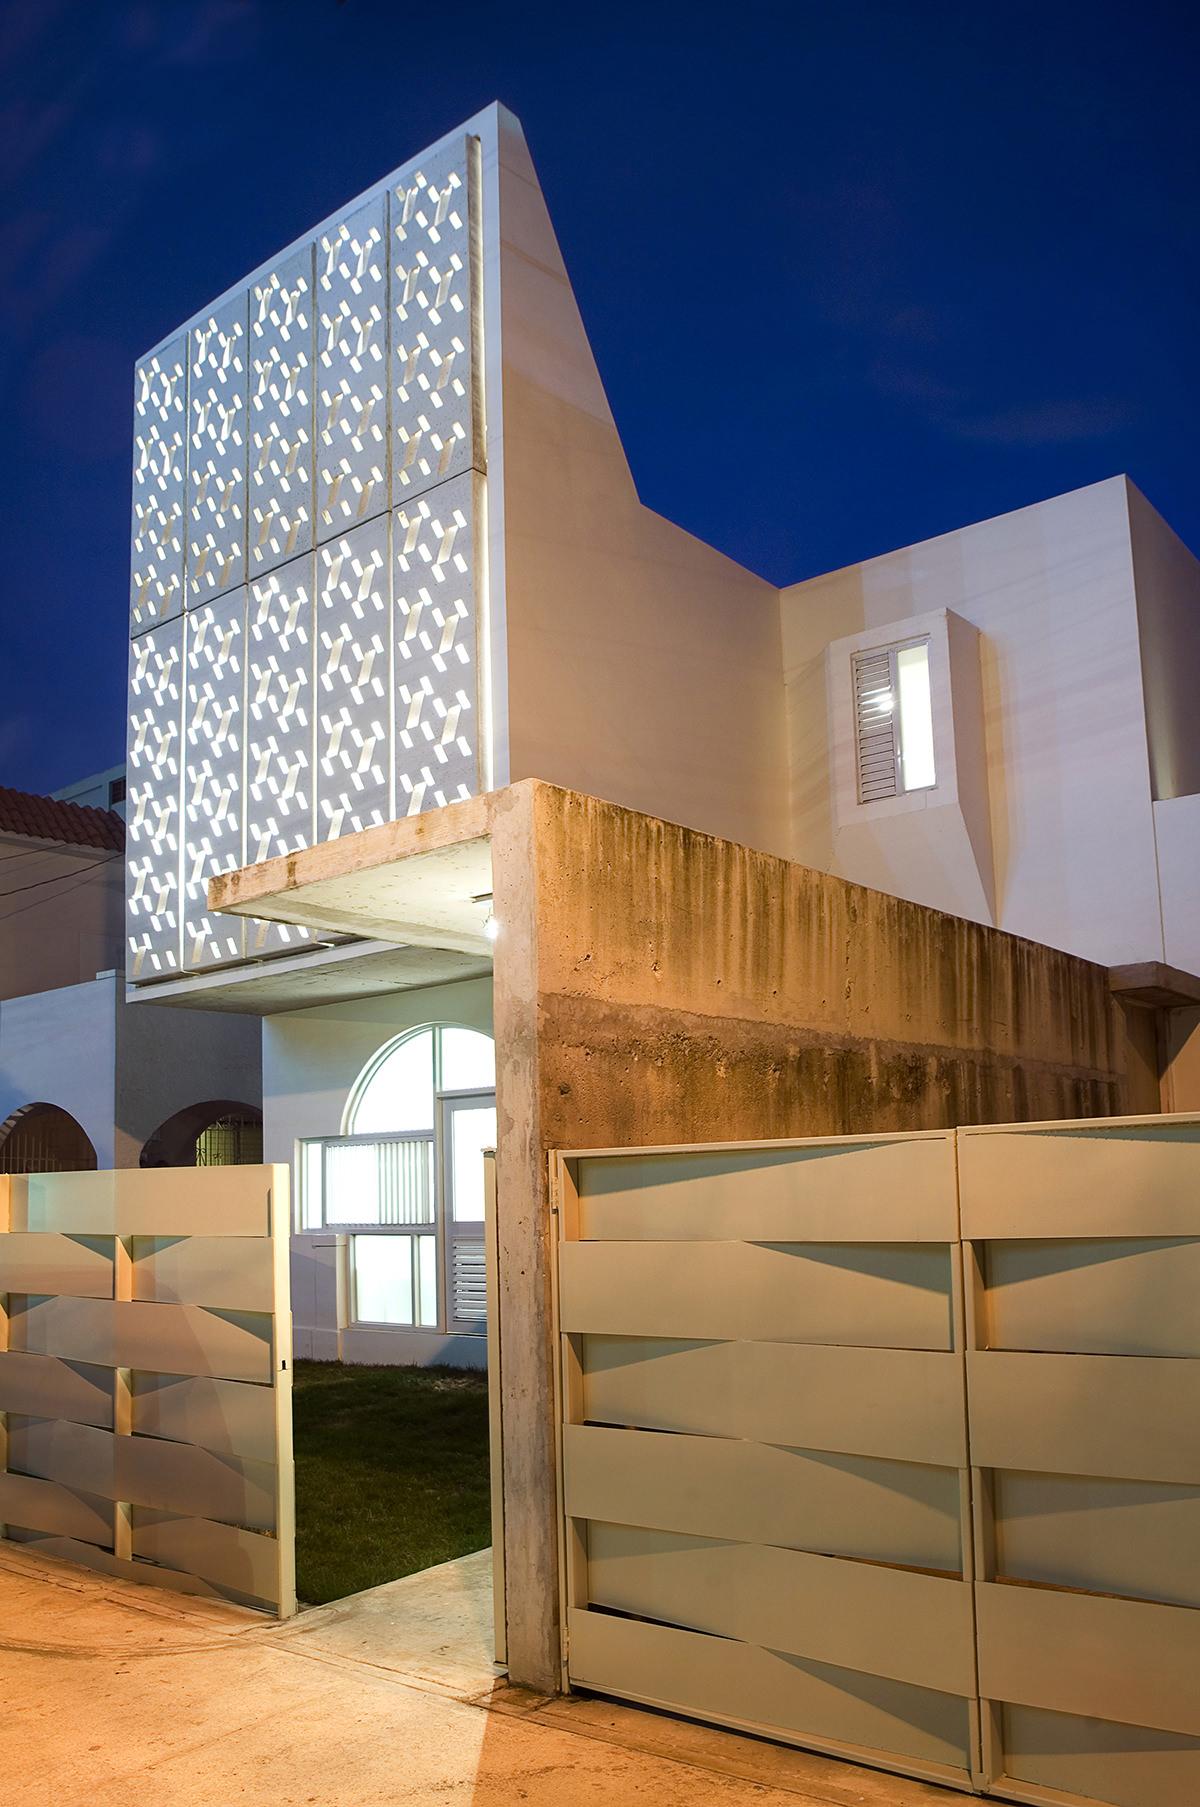 Casa Delpin House facade night entrance Miramar Puerto Rico-1.jpg